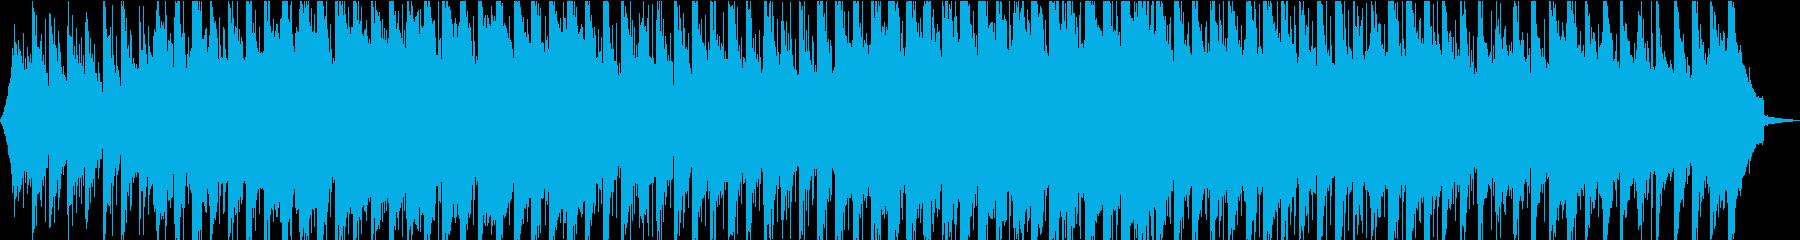 美しい・優しいメロディのコーポレート②の再生済みの波形